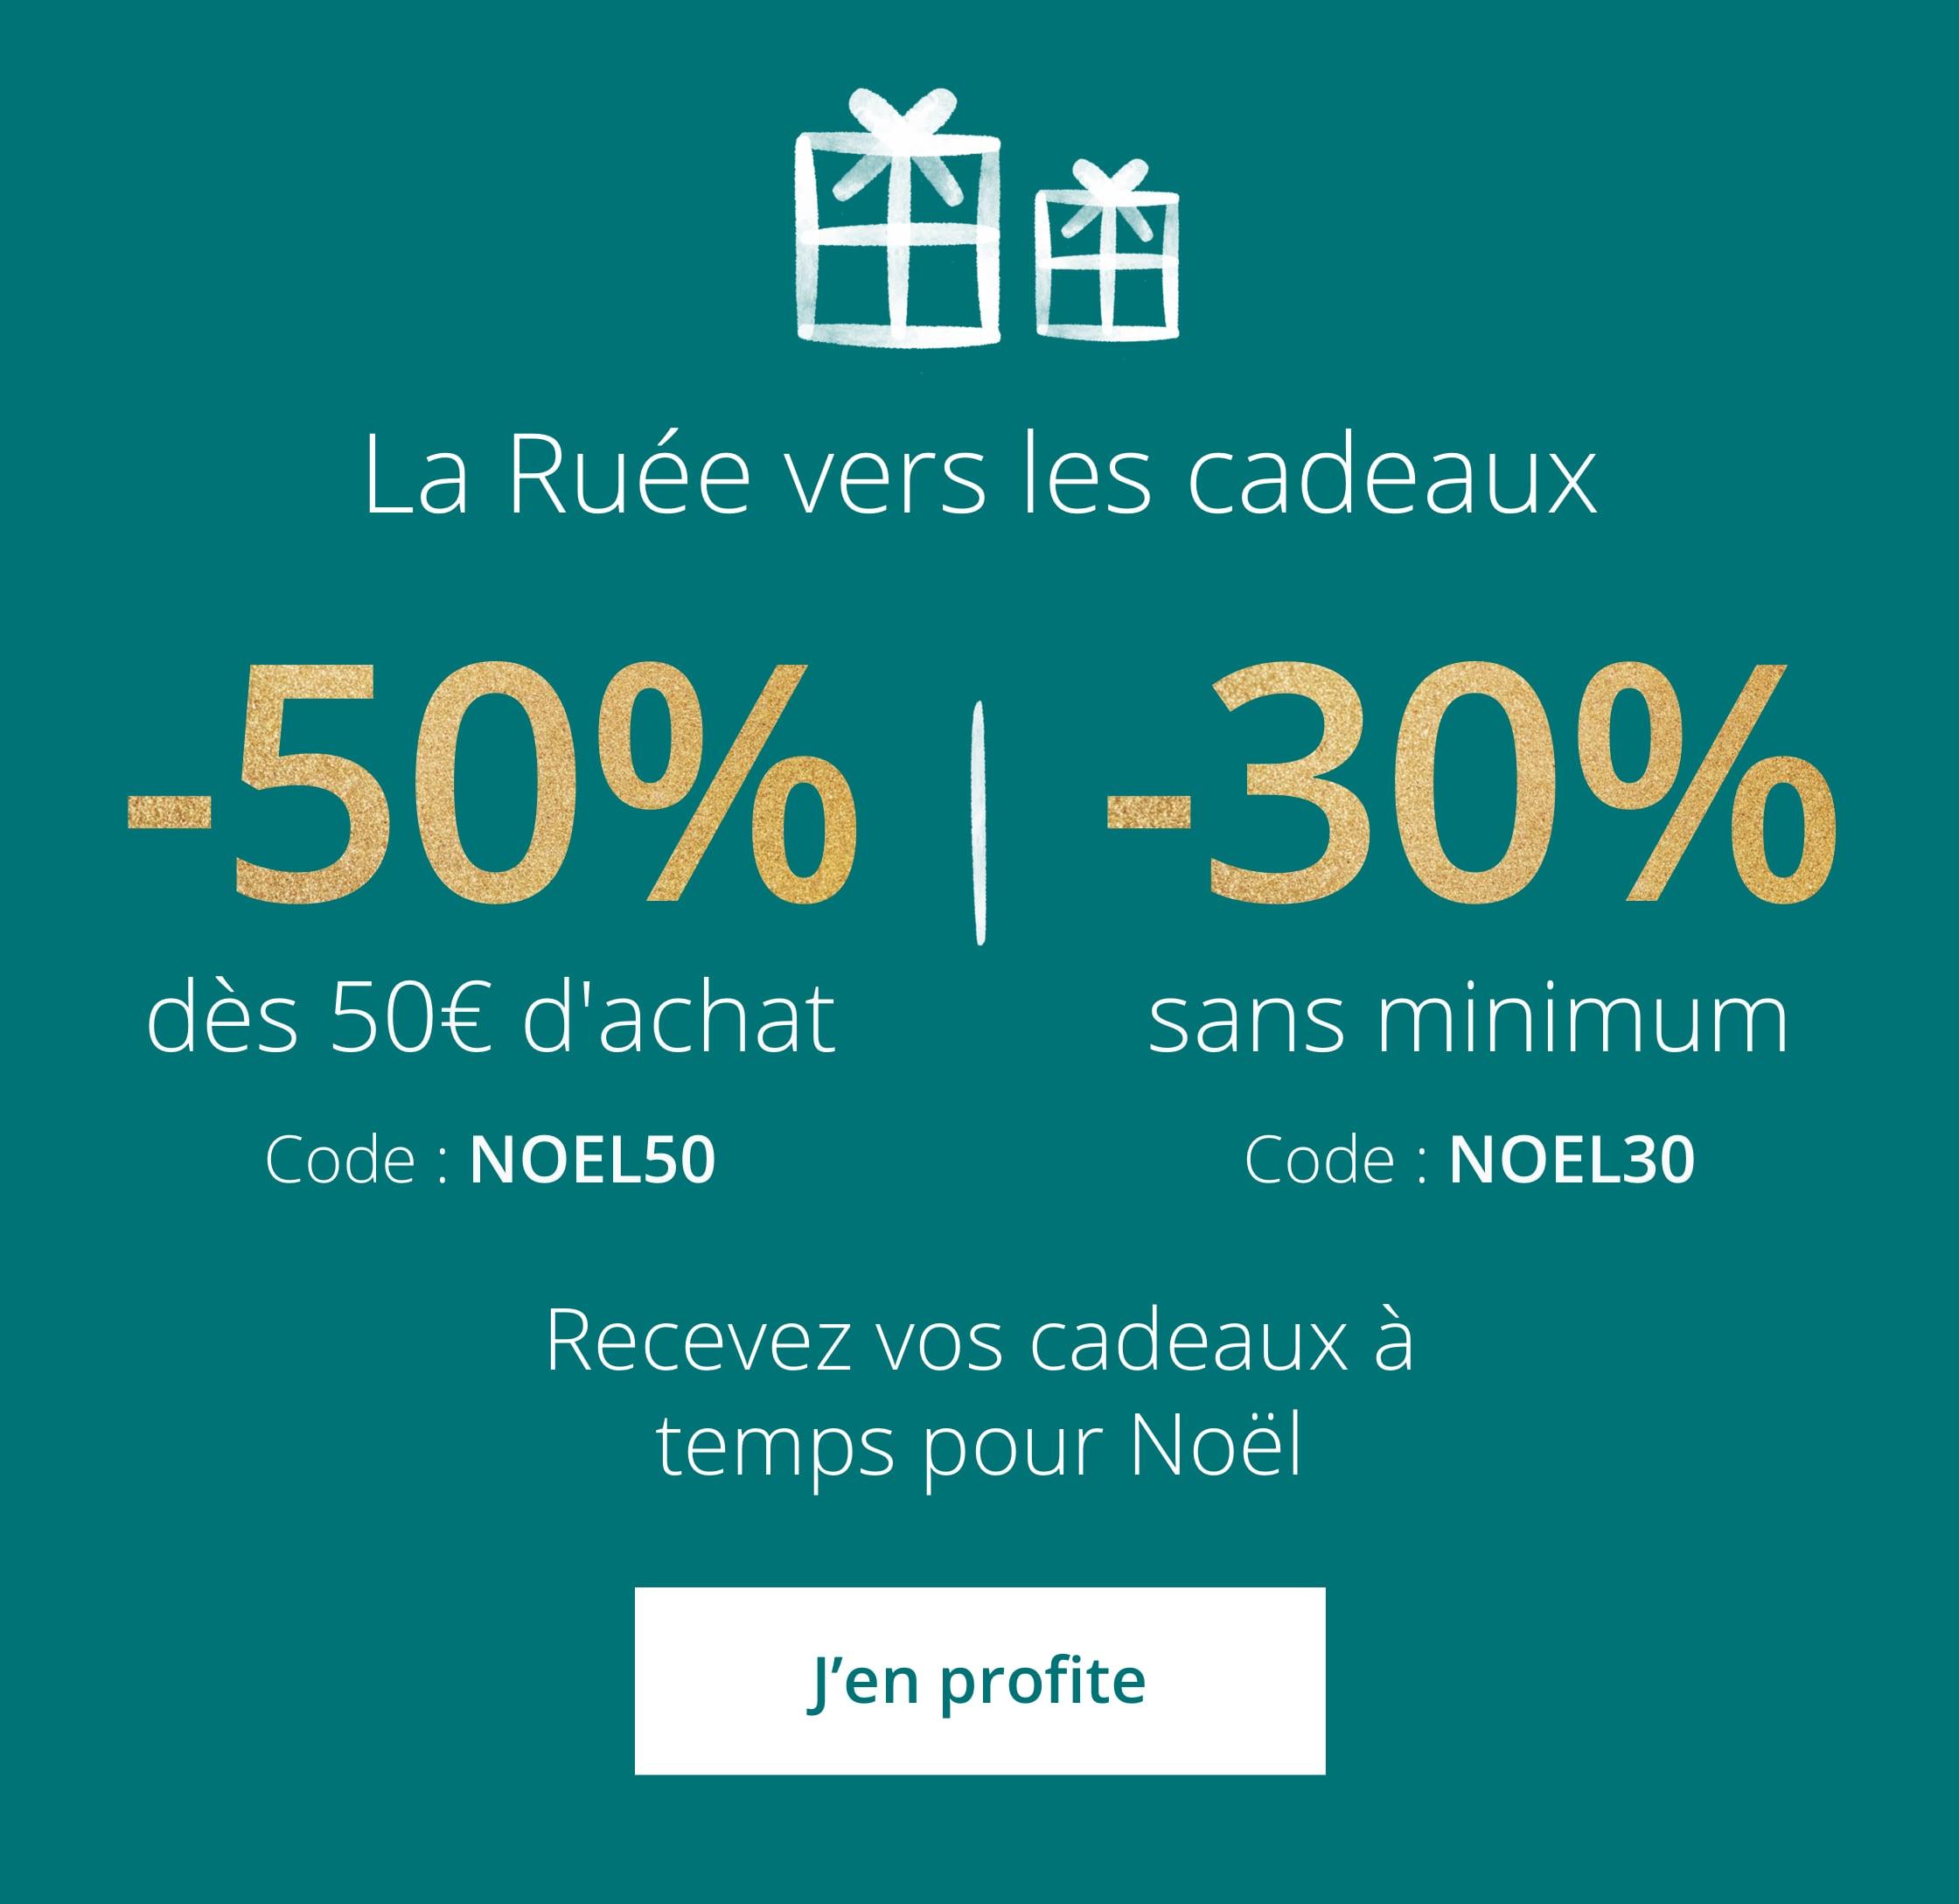 50% dès 50€ d'achat